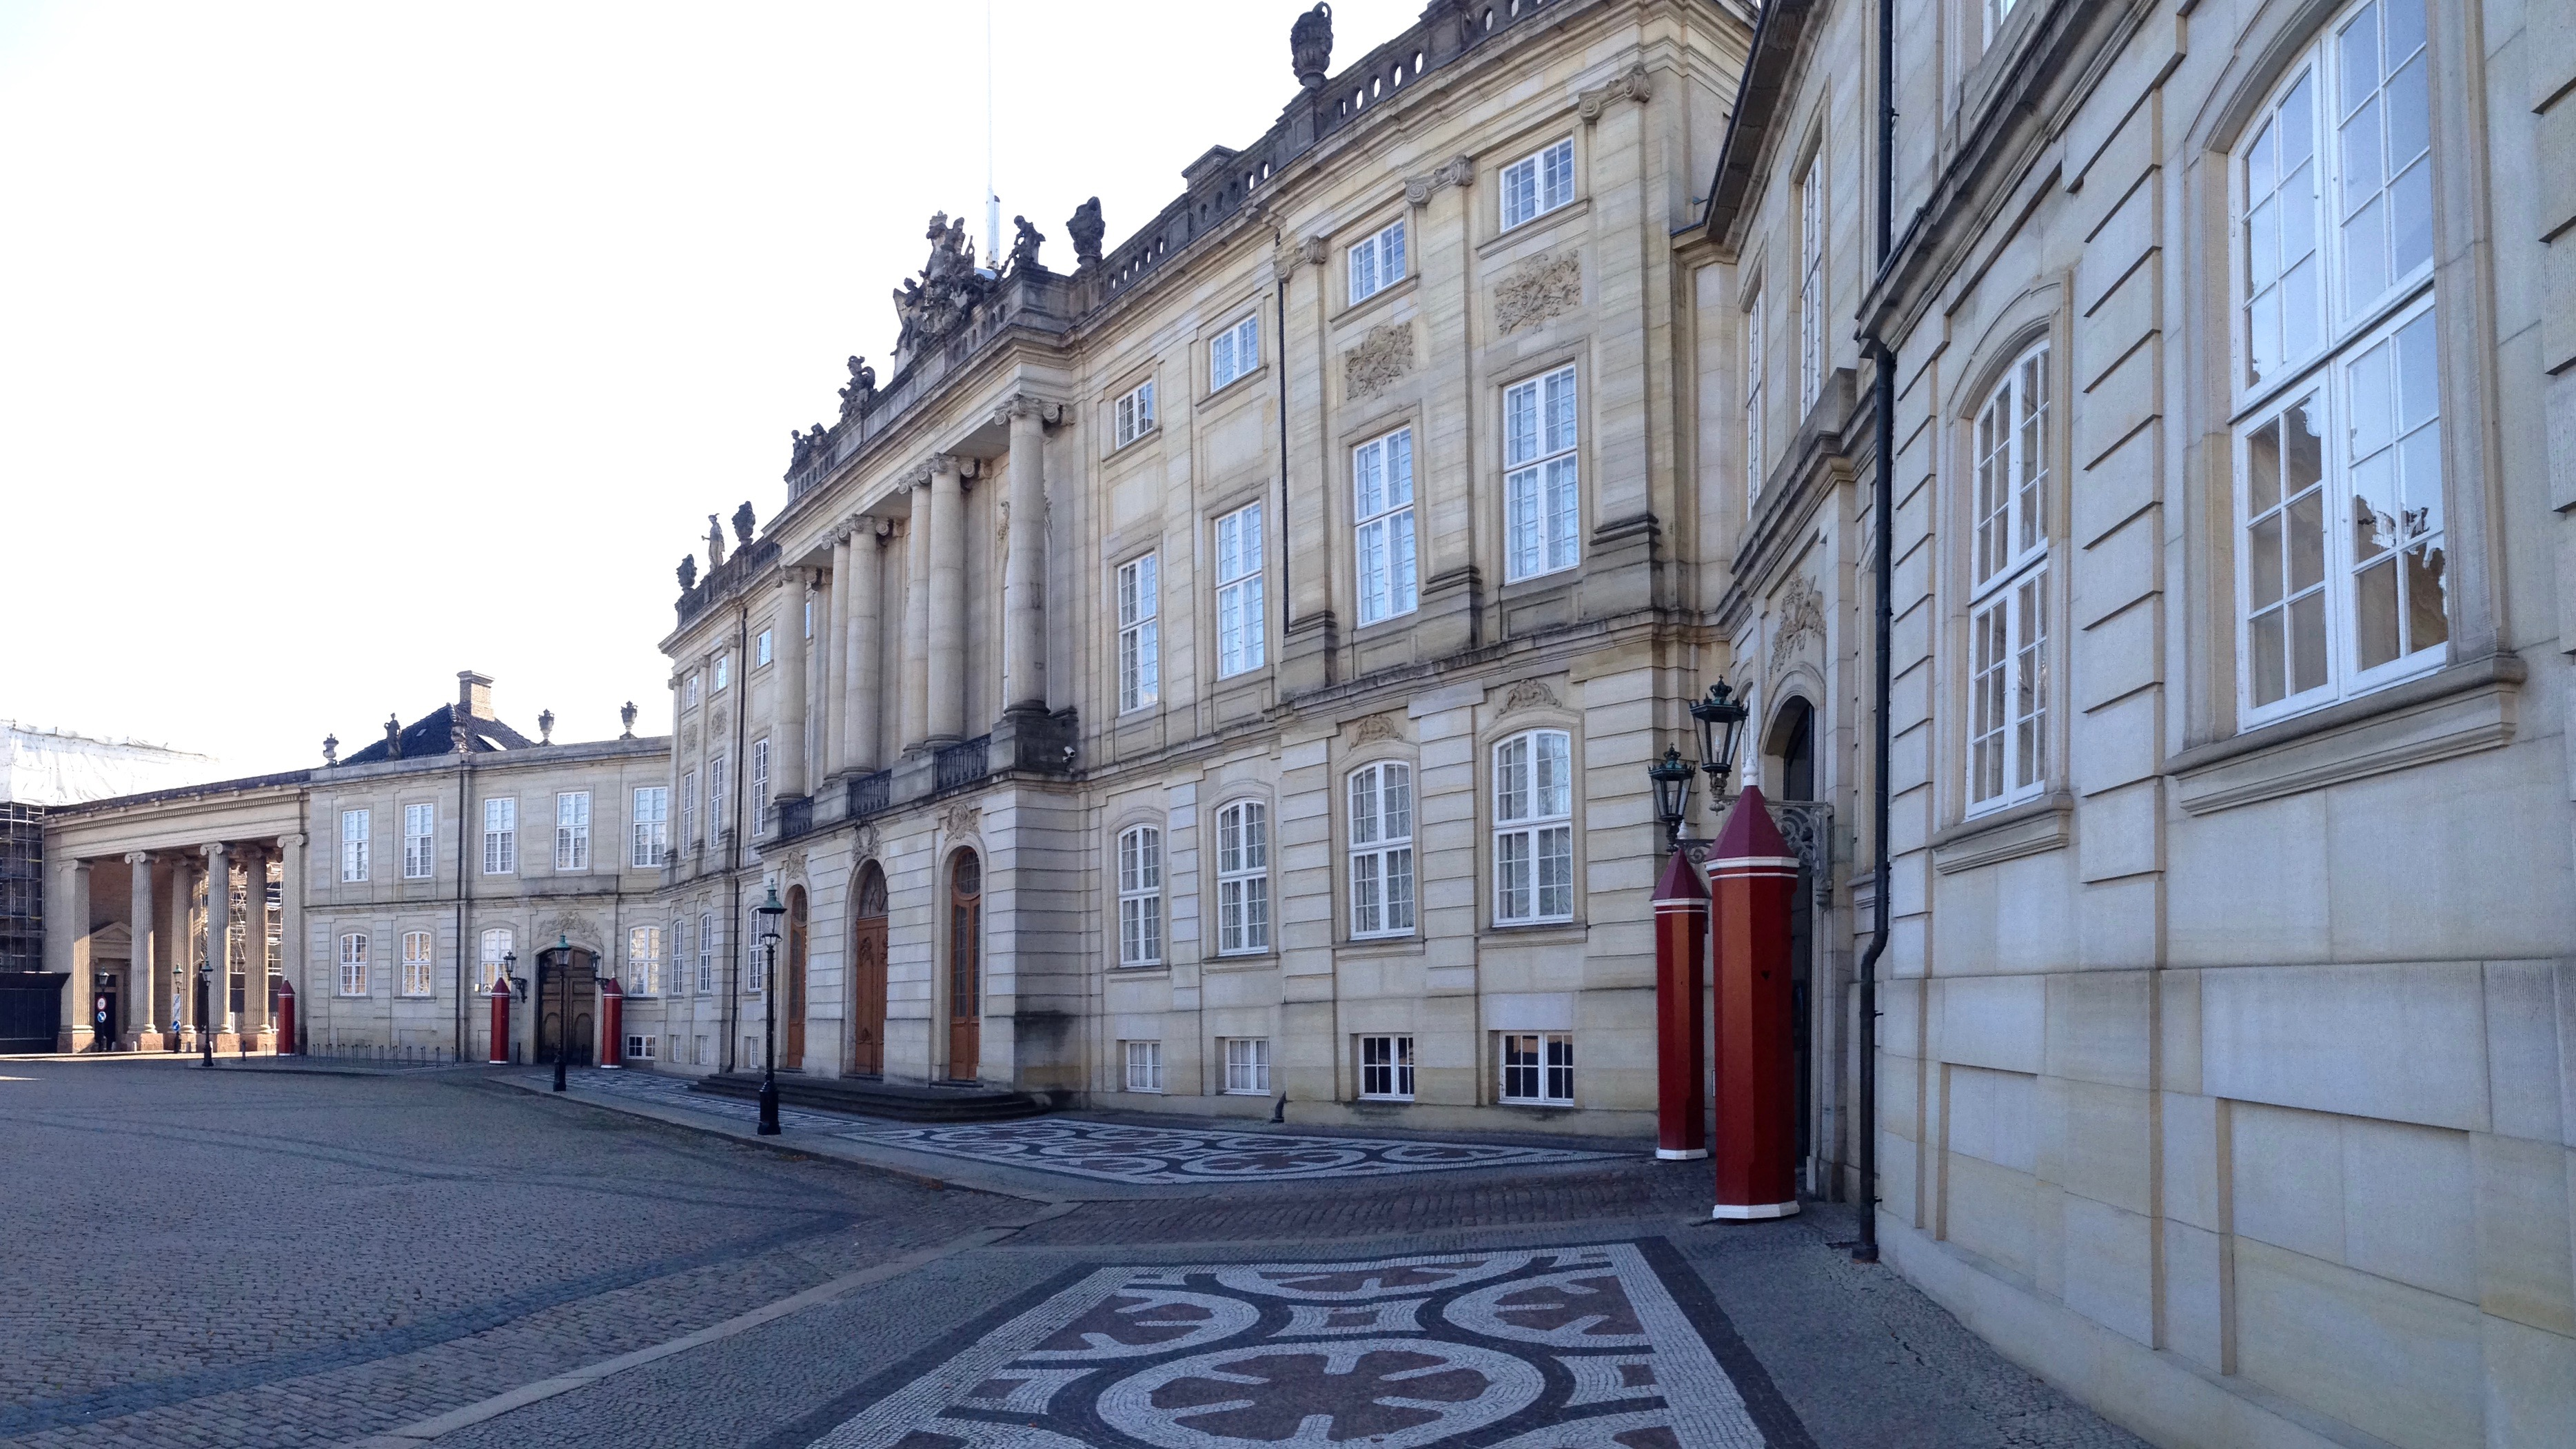 Inner yard of Amalienborg Palace